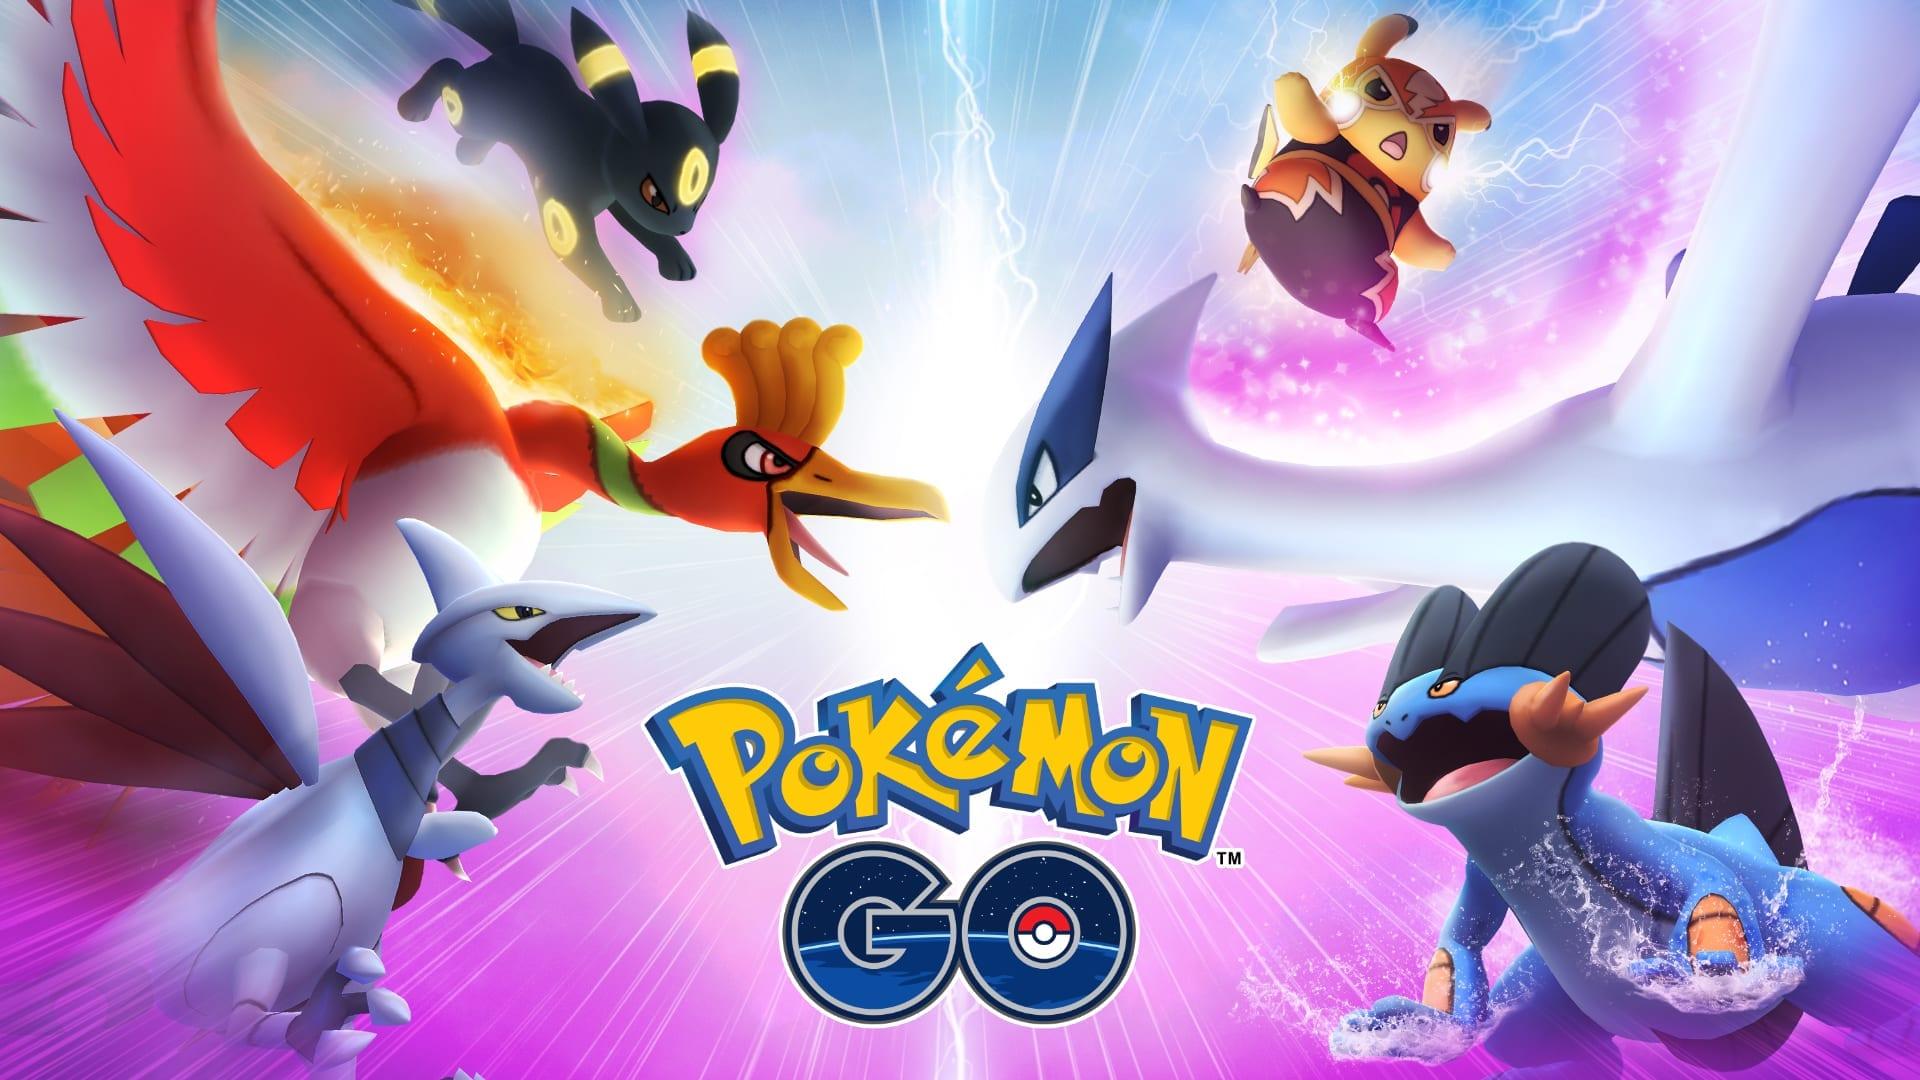 Pokemon Go Giveaway